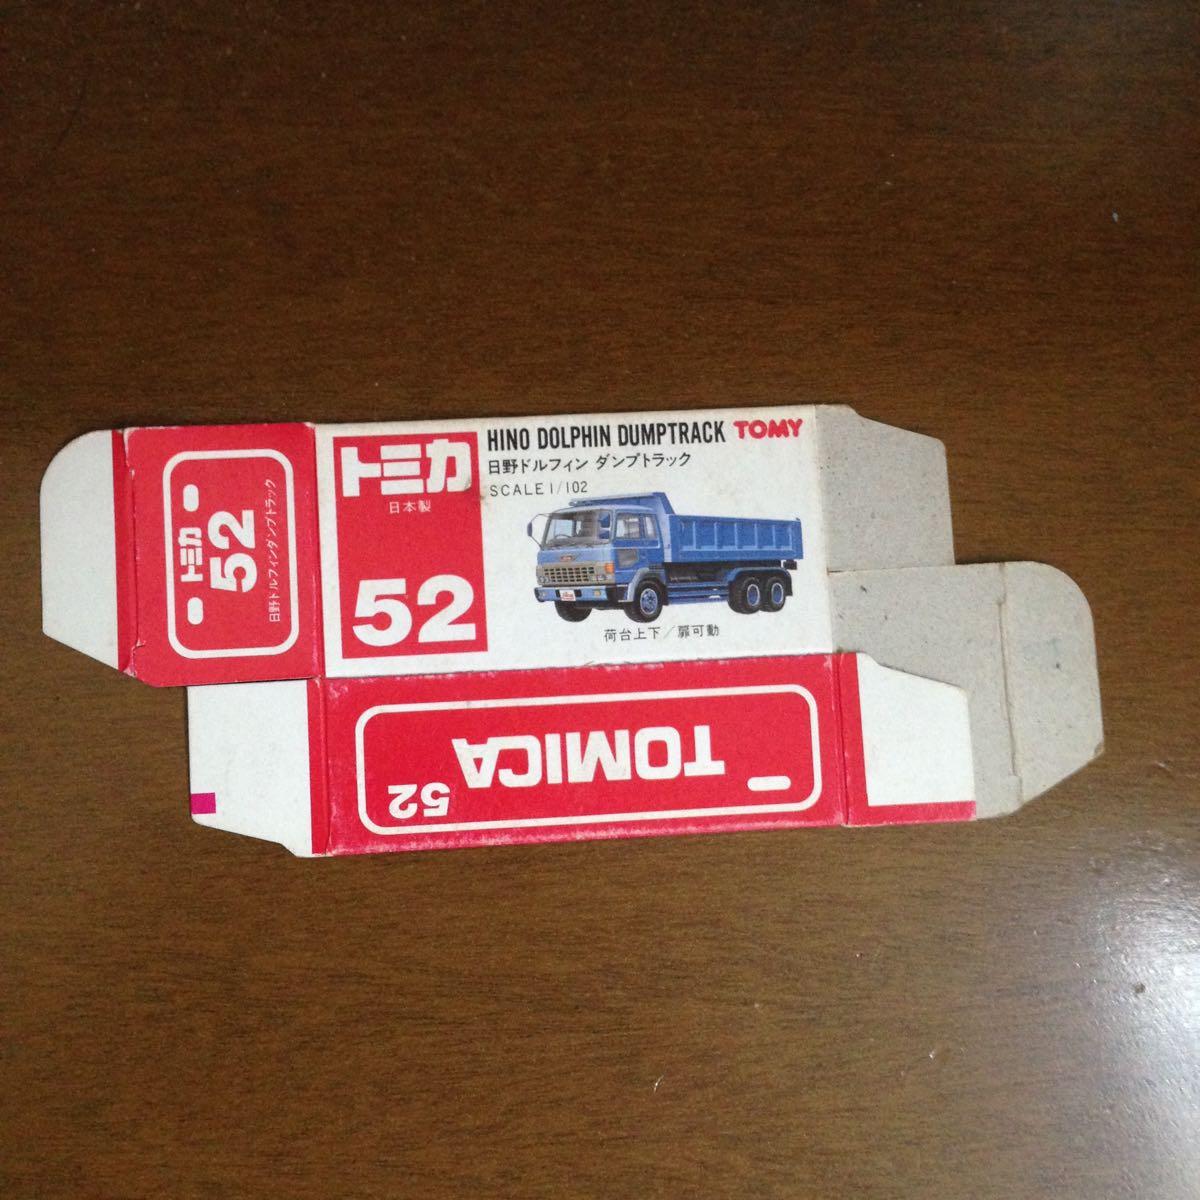 日本製トミカ外箱 ☆52 日野ドルフィン ダンプトラック☆ トミカ空き箱のみ